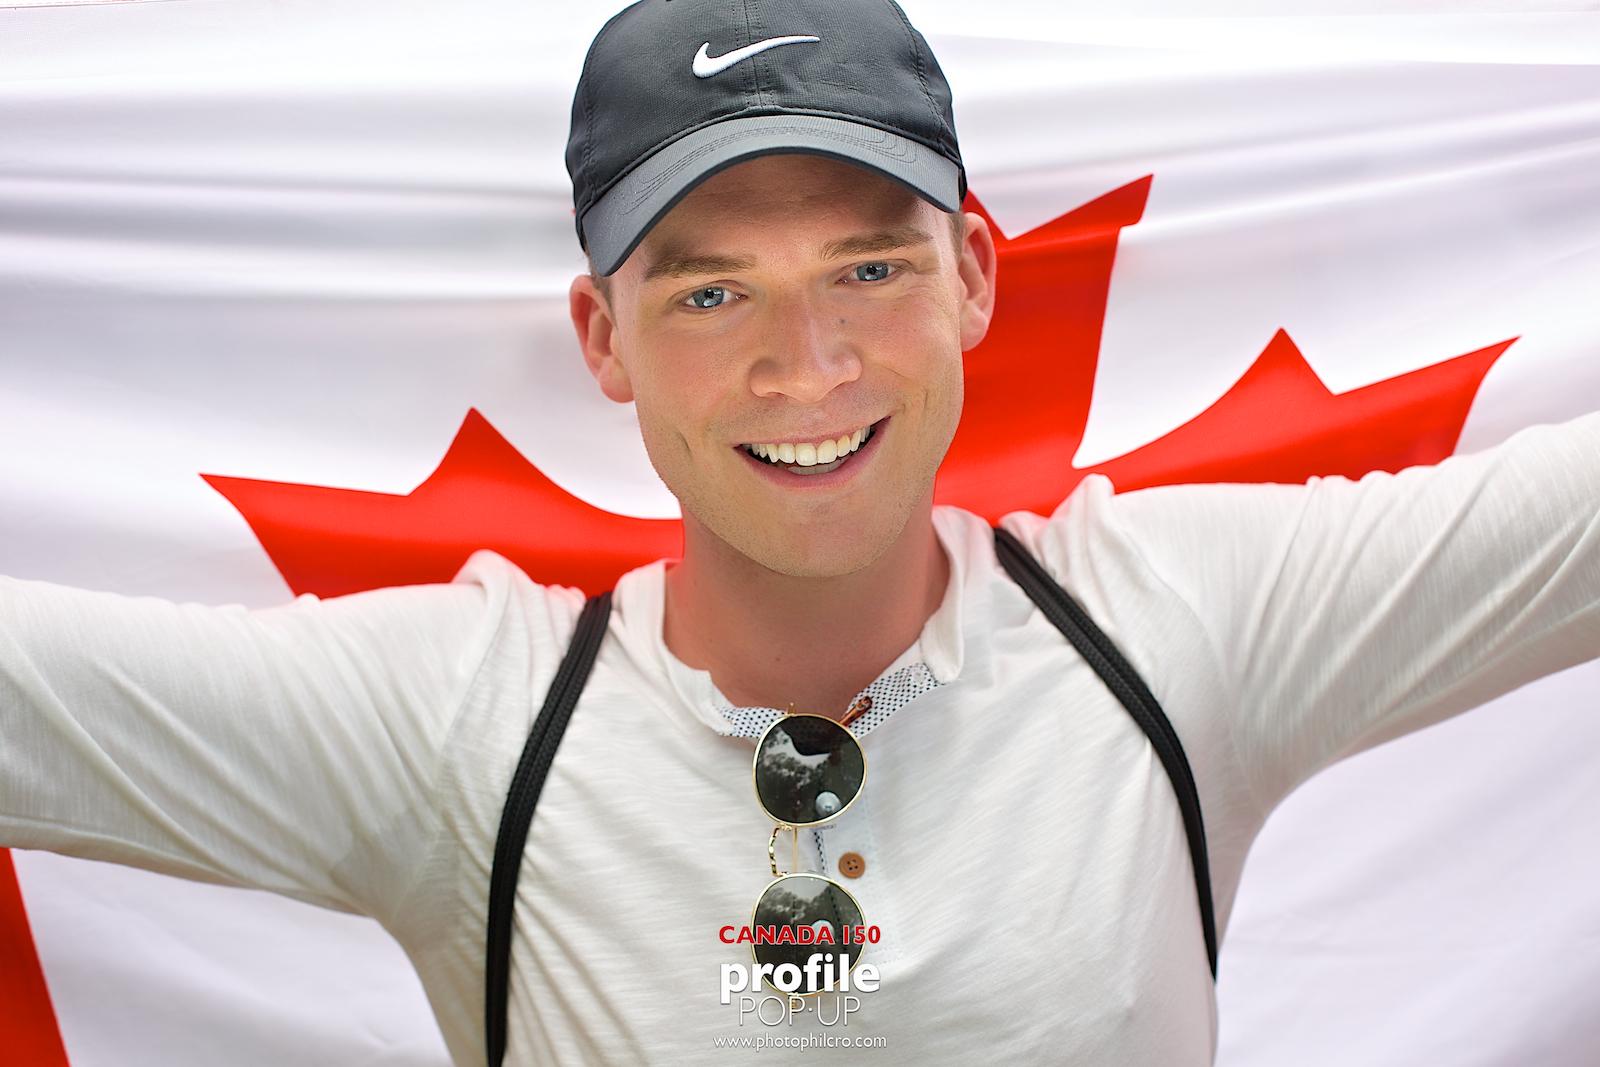 ProfilePopup_Canada150_Facebook 044.jpg